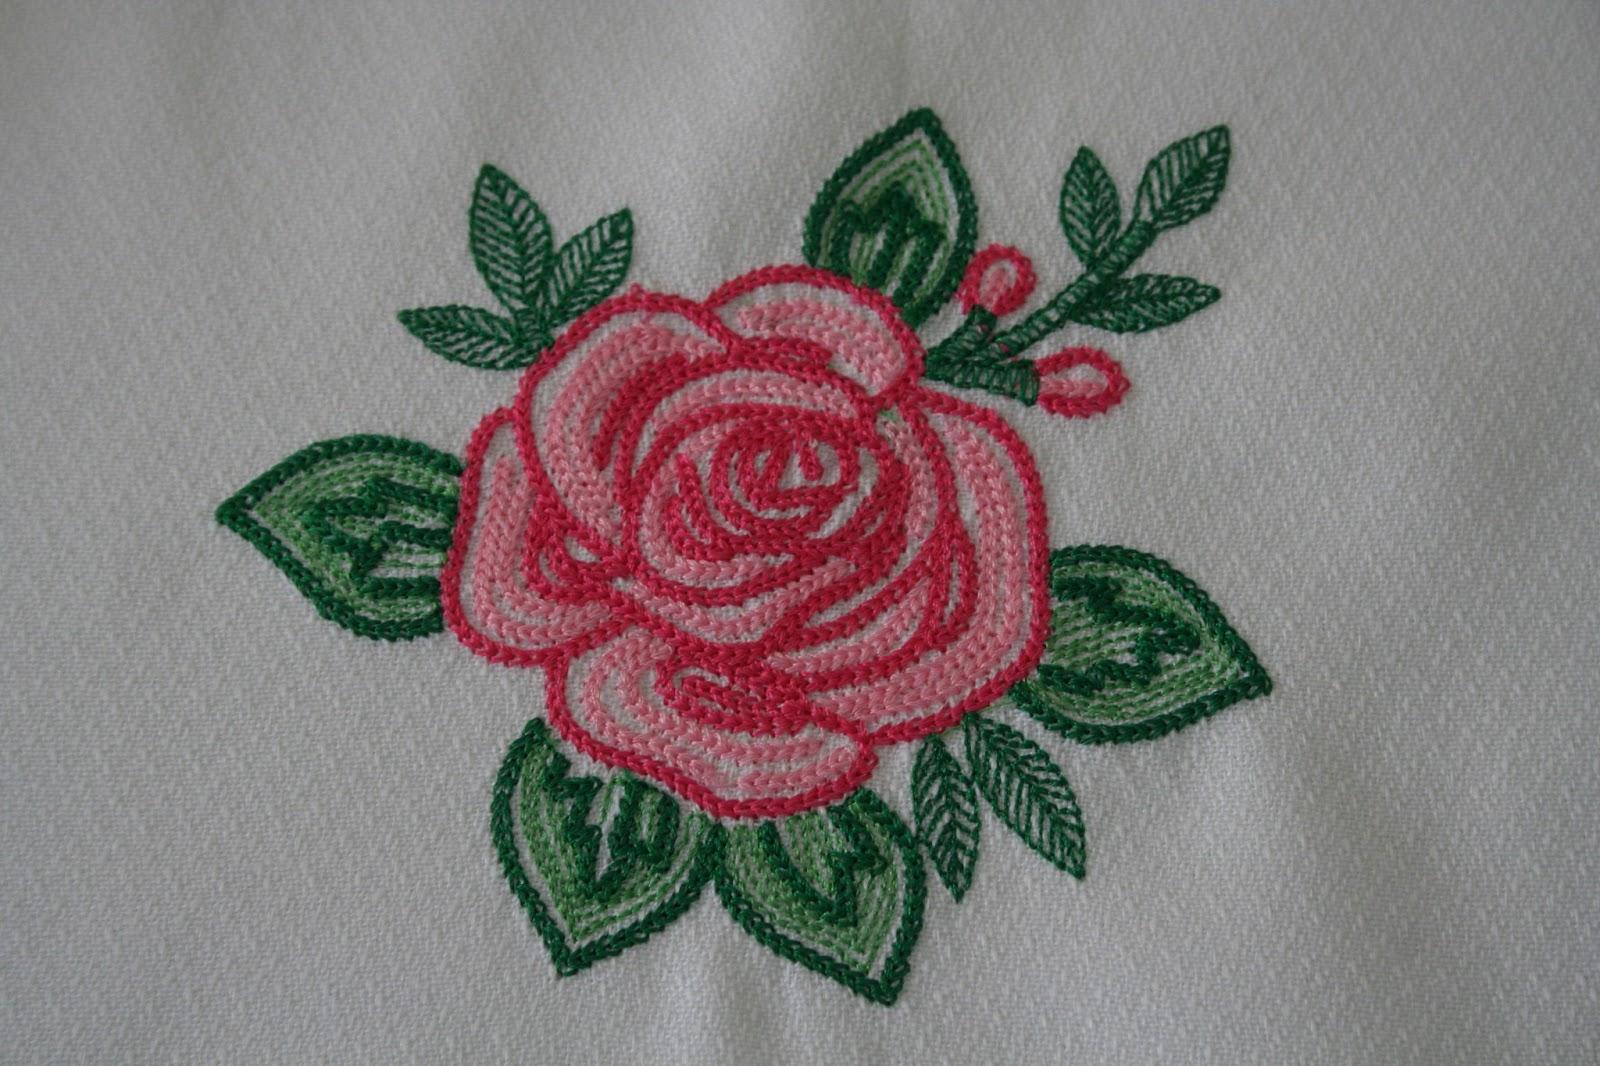 Entre Agujas Y Canillas La Mar De Bordados Mantel Con Rosas - Manteles-para-bordar